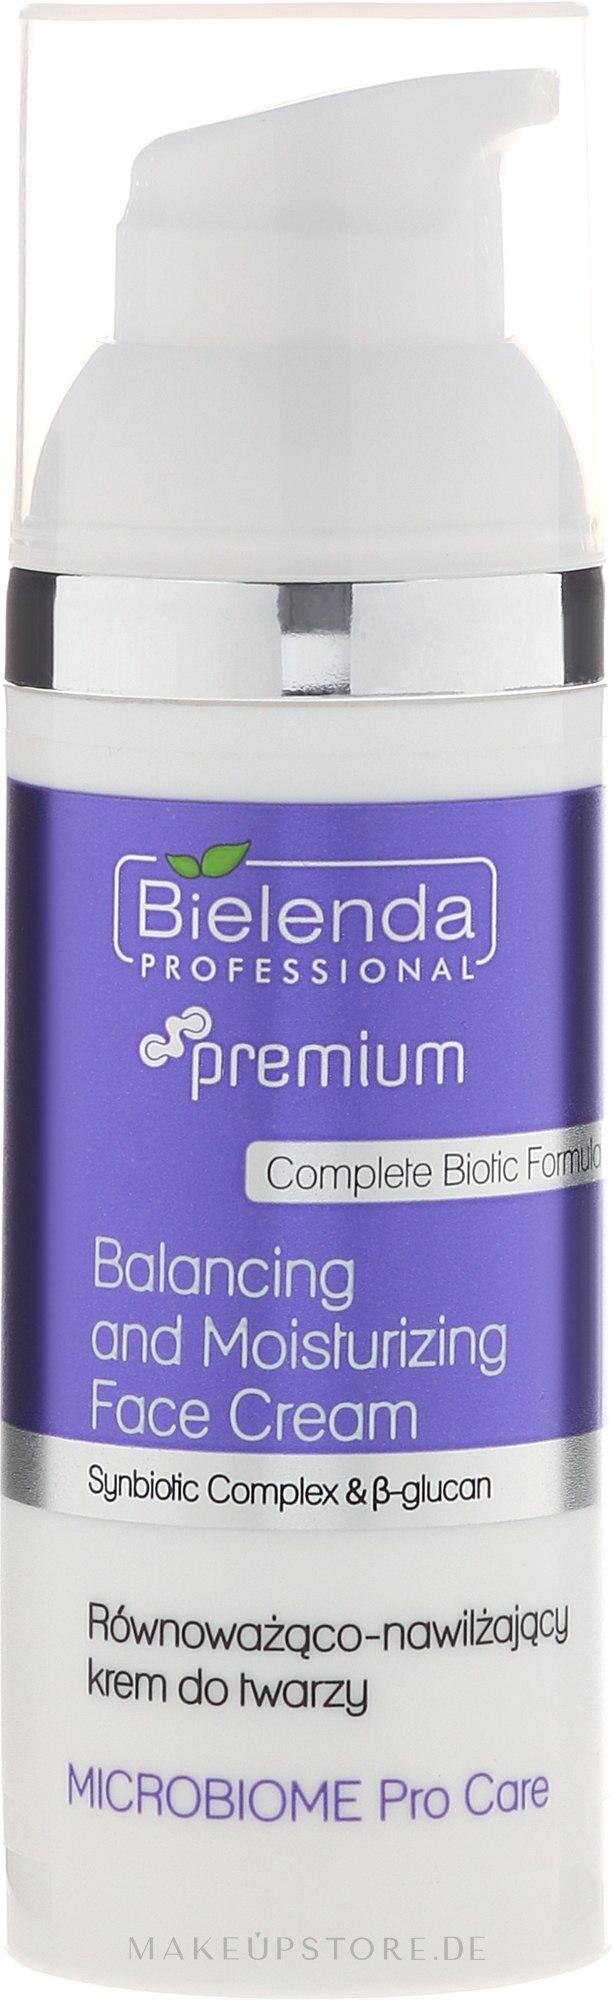 Ausgleichende und feuchtigkeitsspendende Gesichtscreme - Bielenda Professional Microbiome Pro Care Balancing And Moisturizing Face Cream — Bild 50 ml